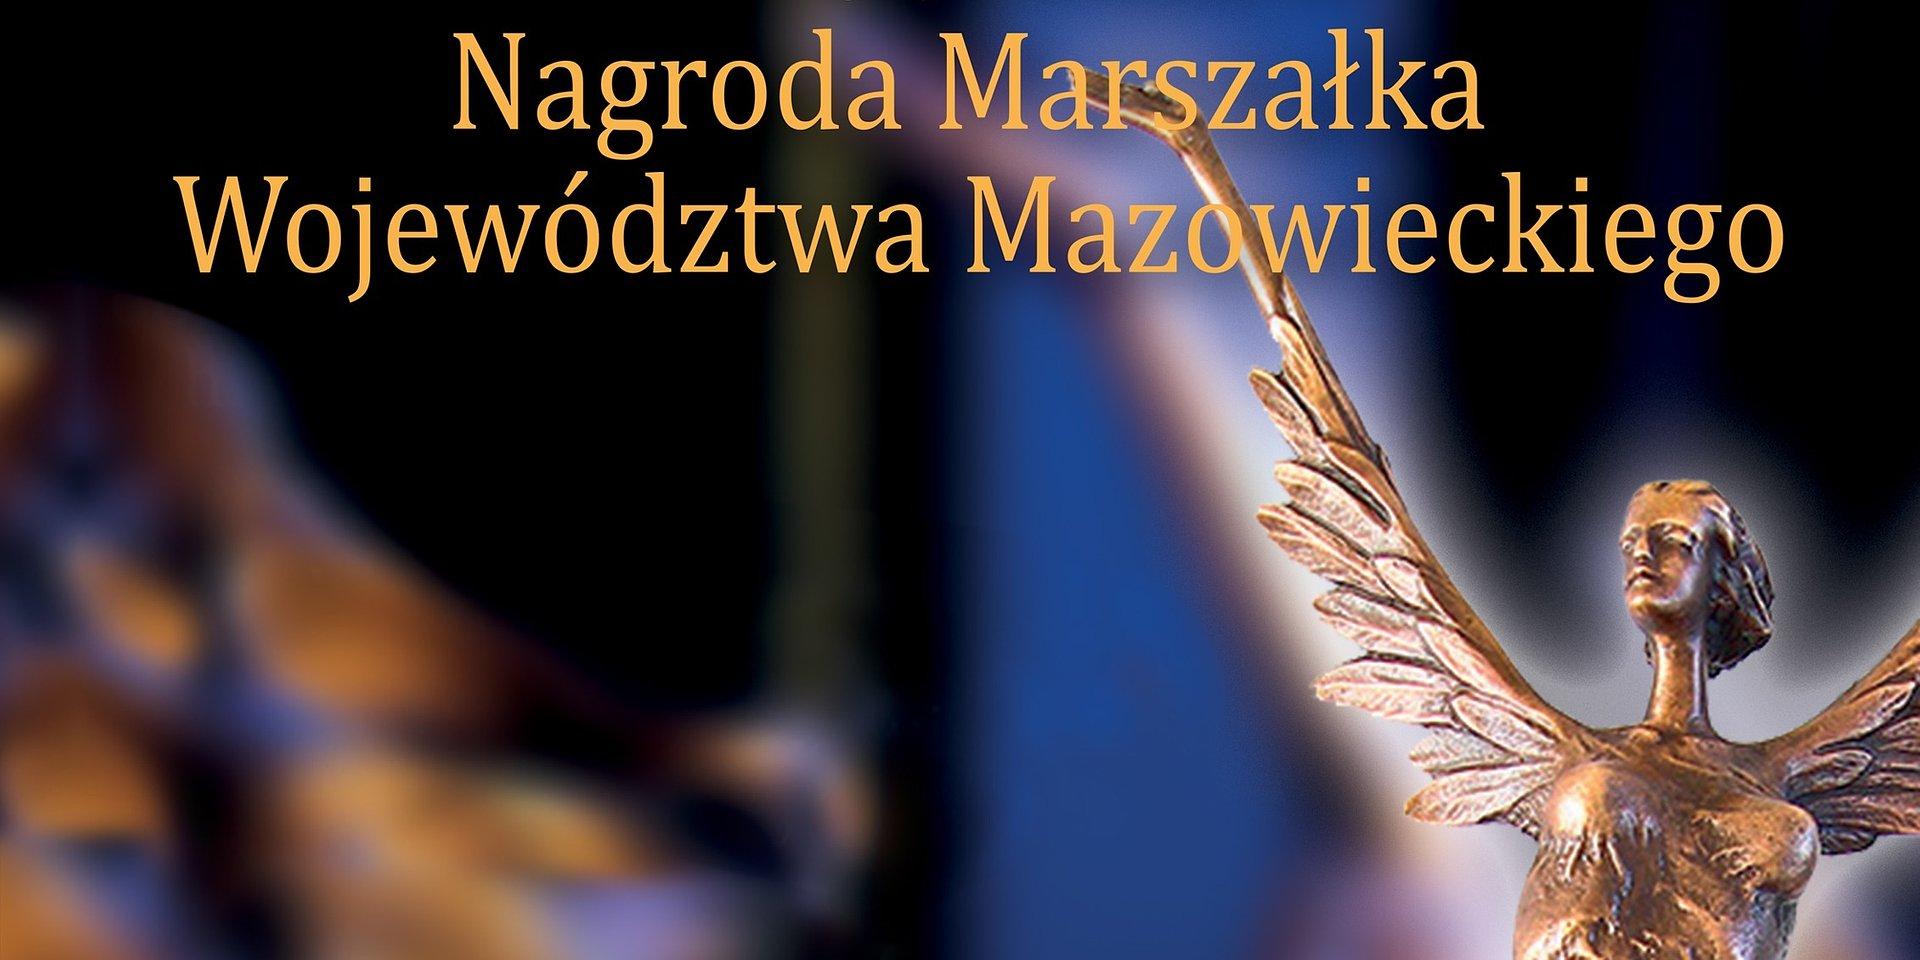 XXI edycja Nagrody Marszałka Wojewóztwa Mazowieckiego